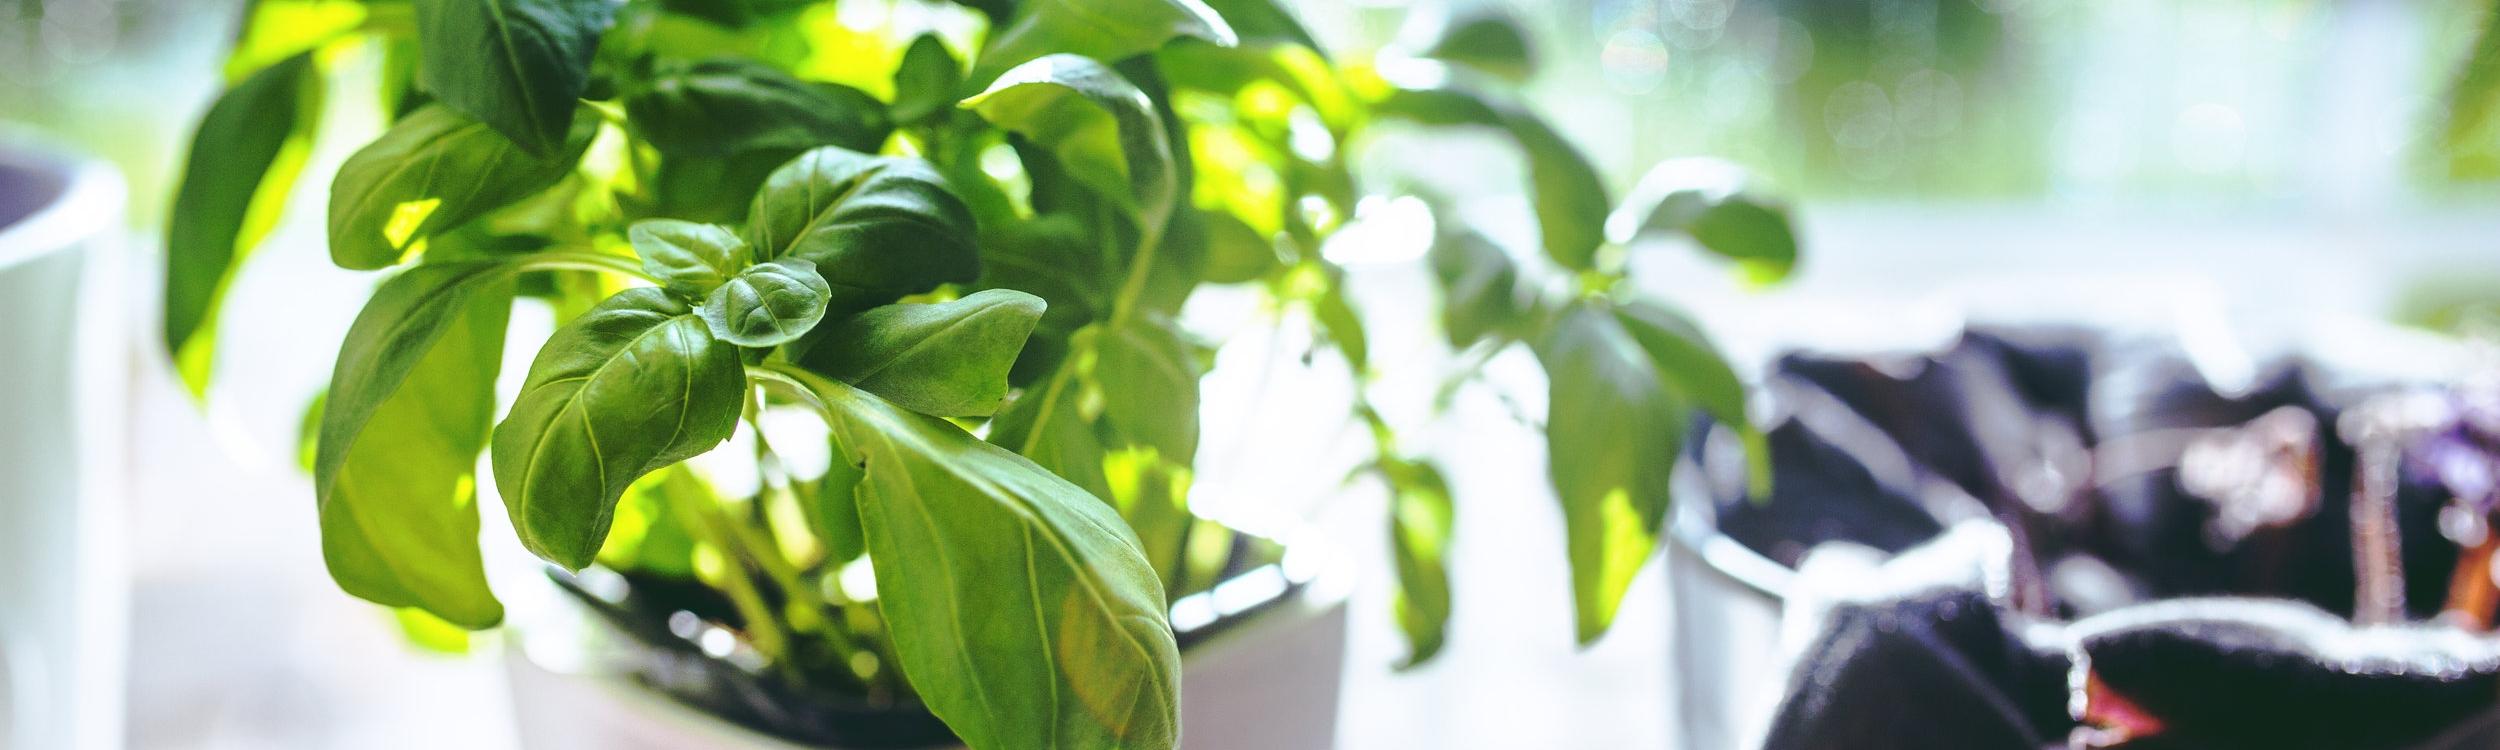 cup-leaf-spring-leaves.jpg